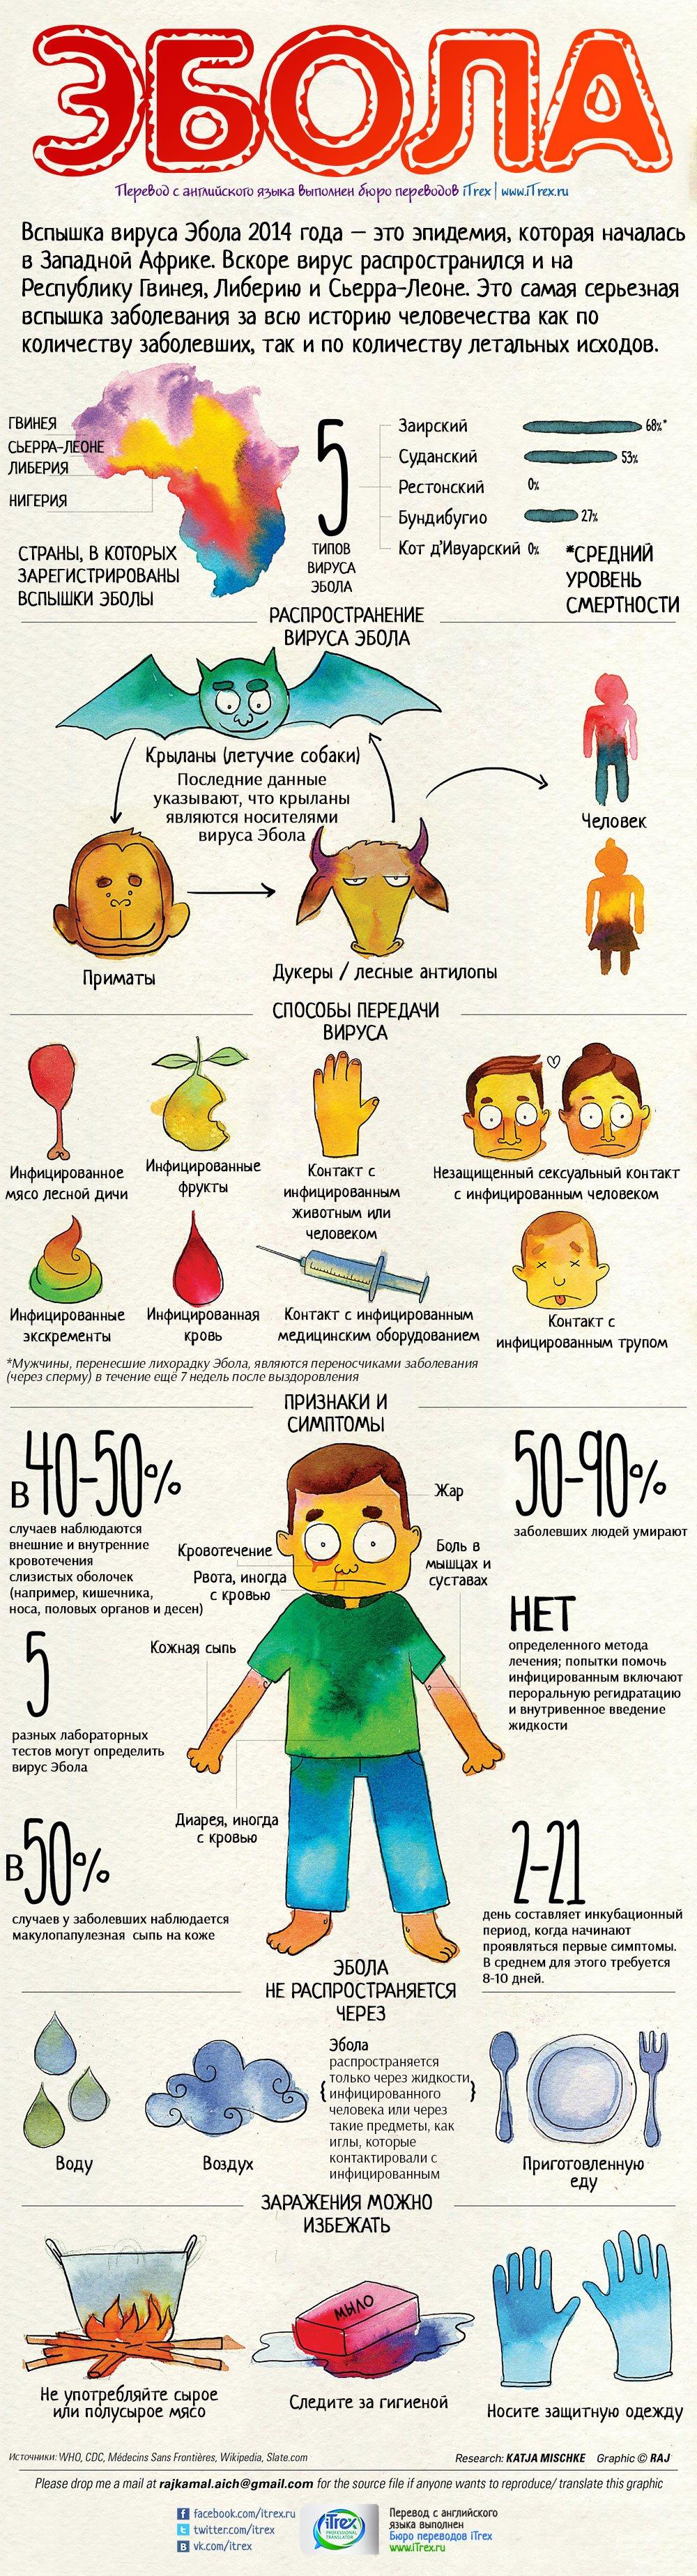 Перевод сделан в Бюро переводов iTrex, Москва: Эбола